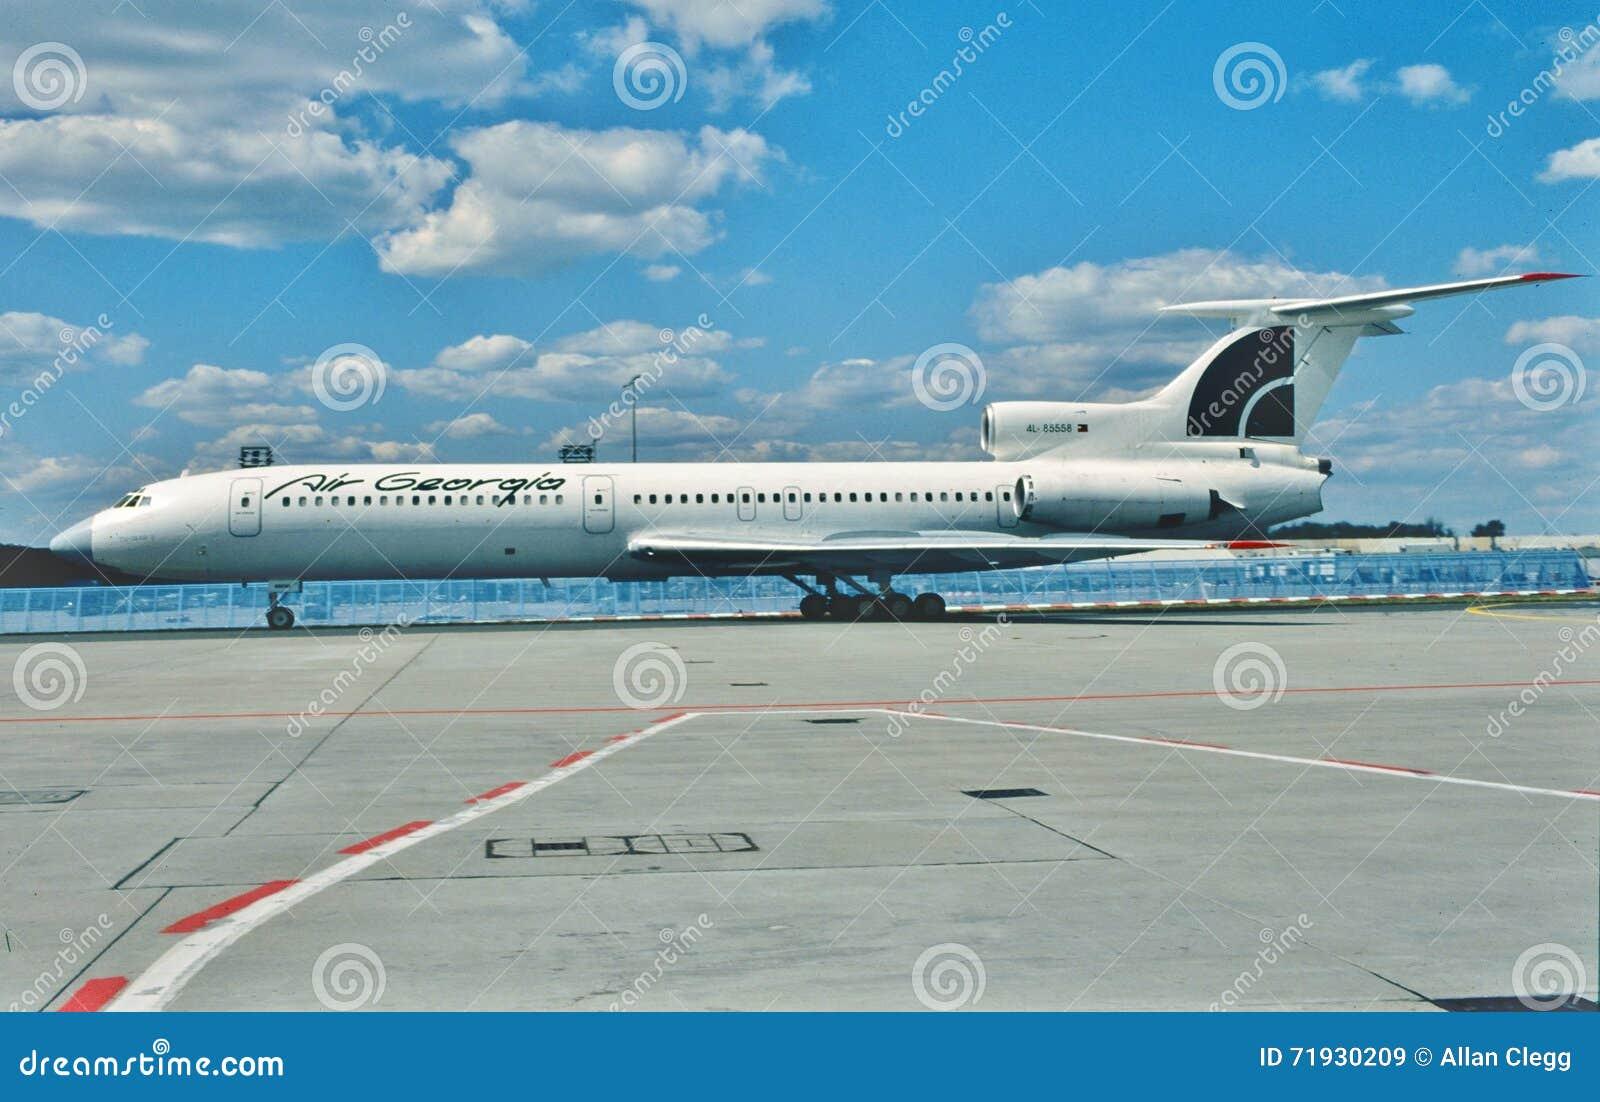 Проветрите taxiig Туполева TU-154 4L-85558 Georgia вне для взлета на Москве, России